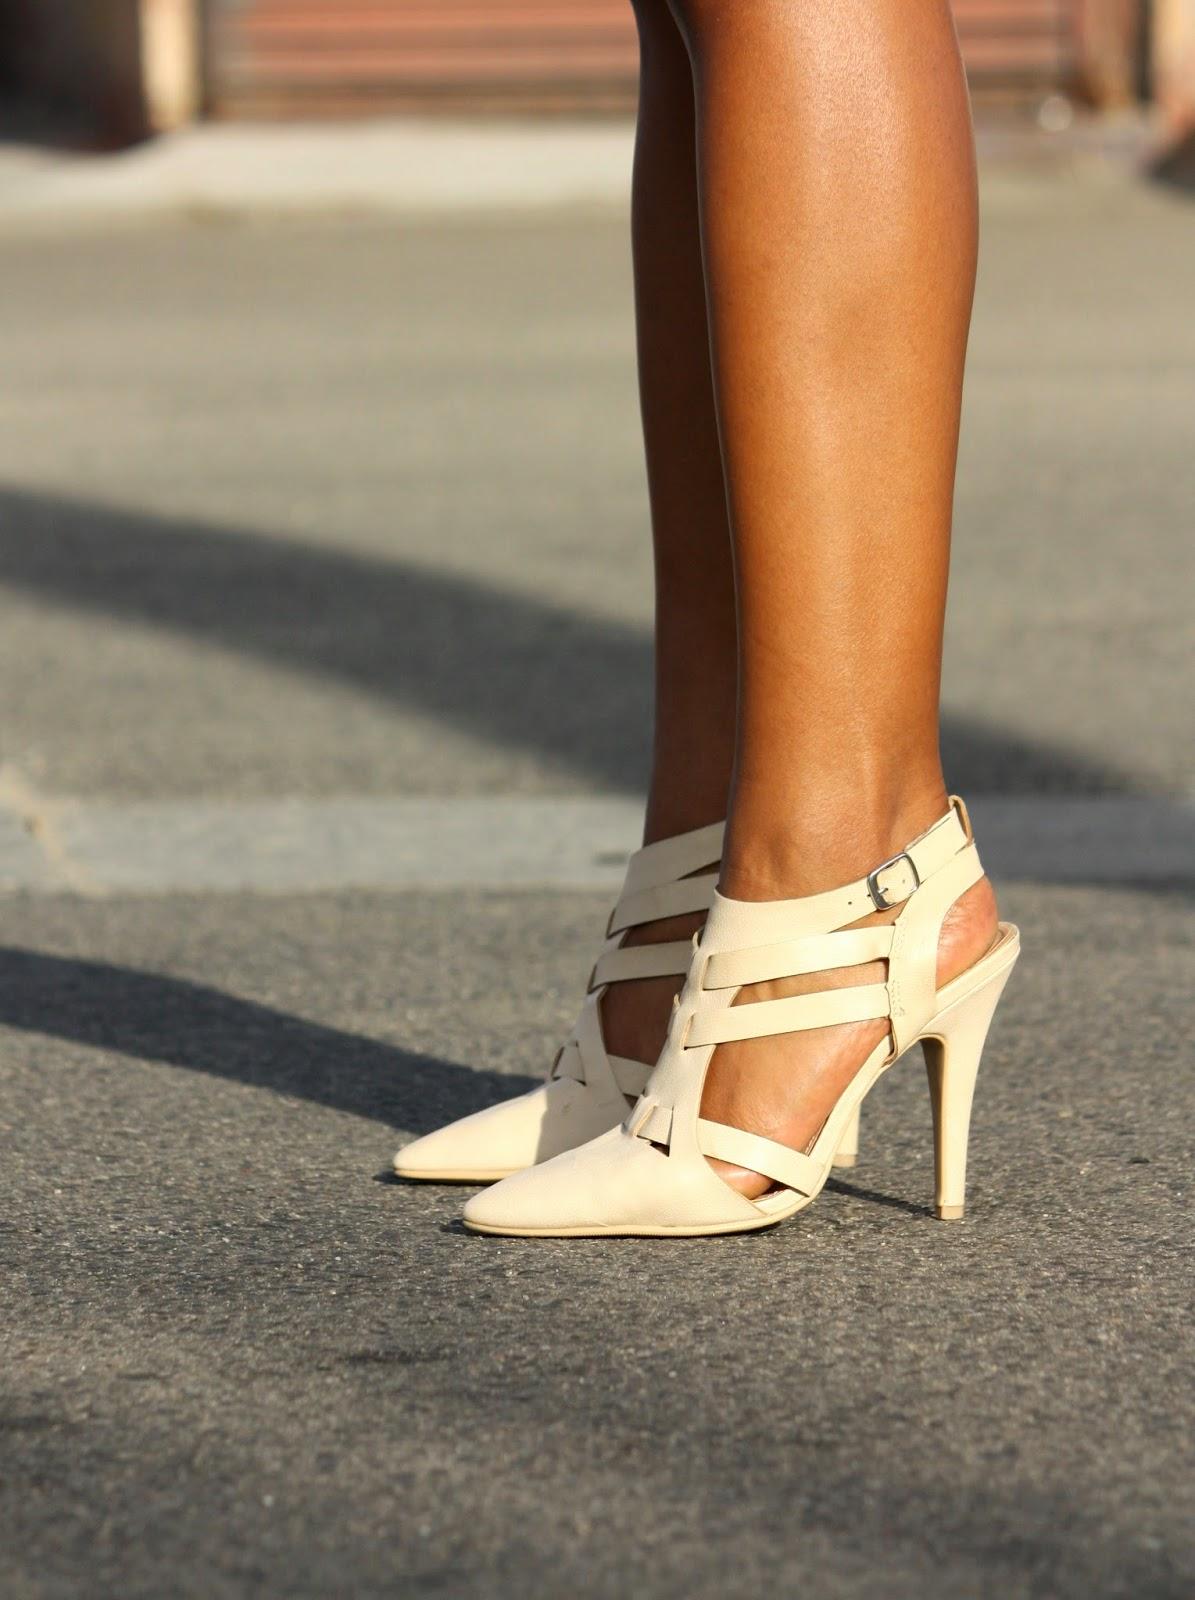 Wearing Forever 21 heels